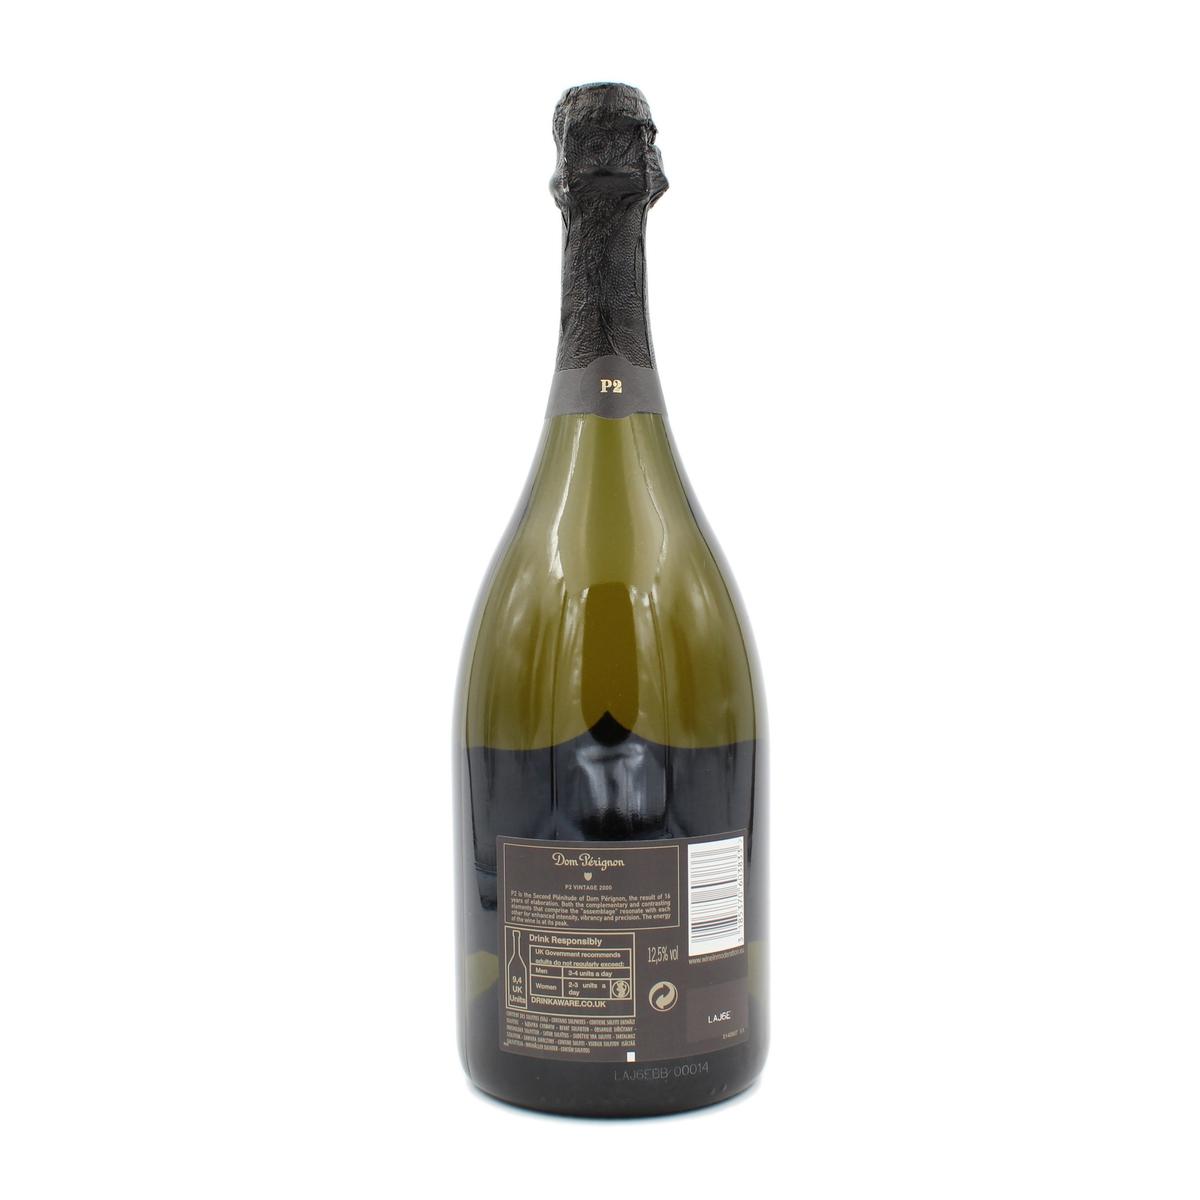 P2 2000 Dom Pérignon